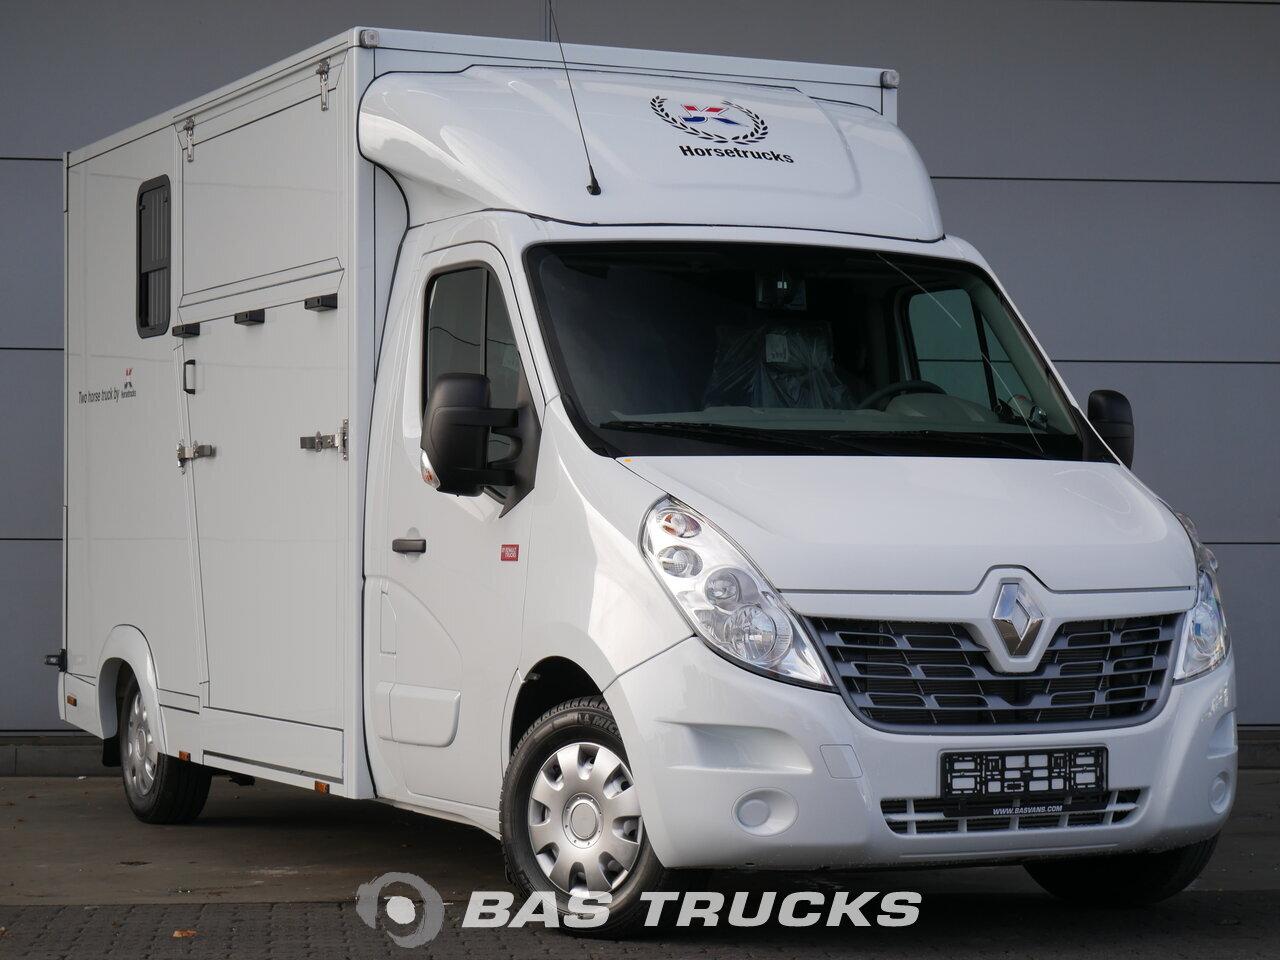 renault master light commercial vehicle euro norm 0 39900. Black Bedroom Furniture Sets. Home Design Ideas